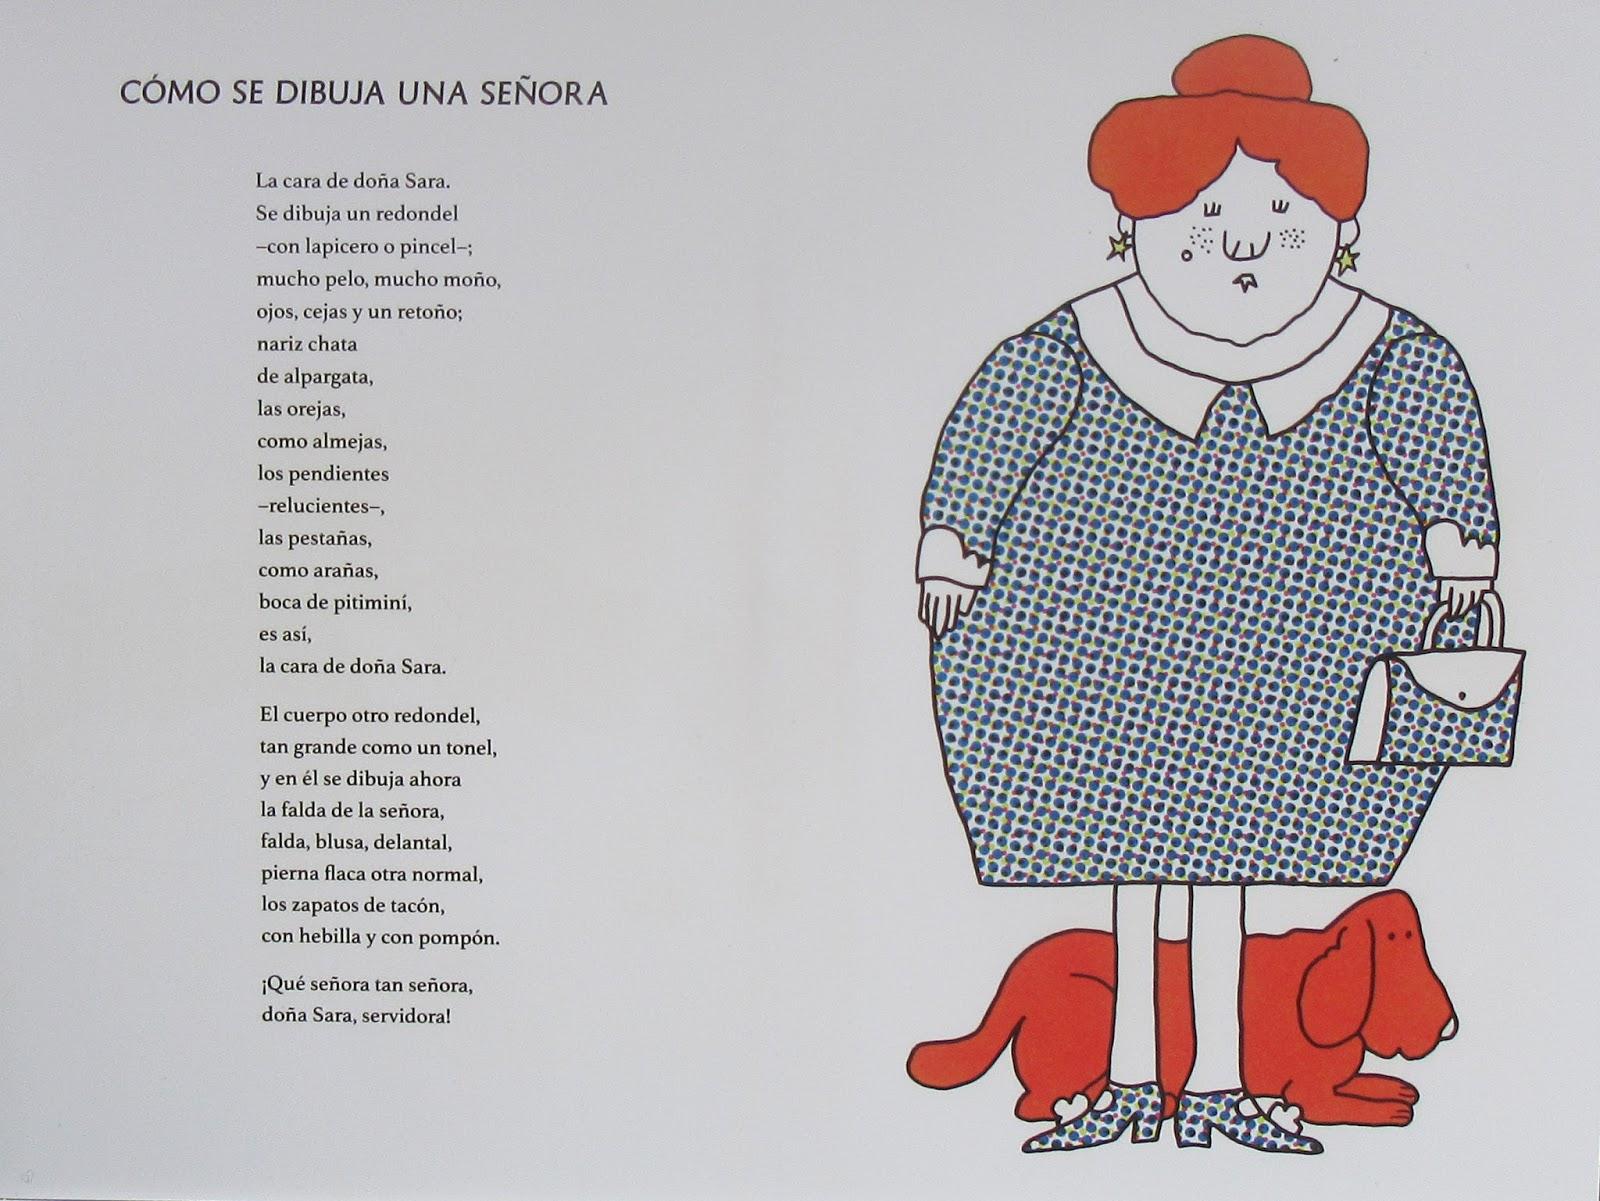 Homenaje a Gloria Fuertes GarcÍa en su CENTENARIO - Blog hablamos de mujeres